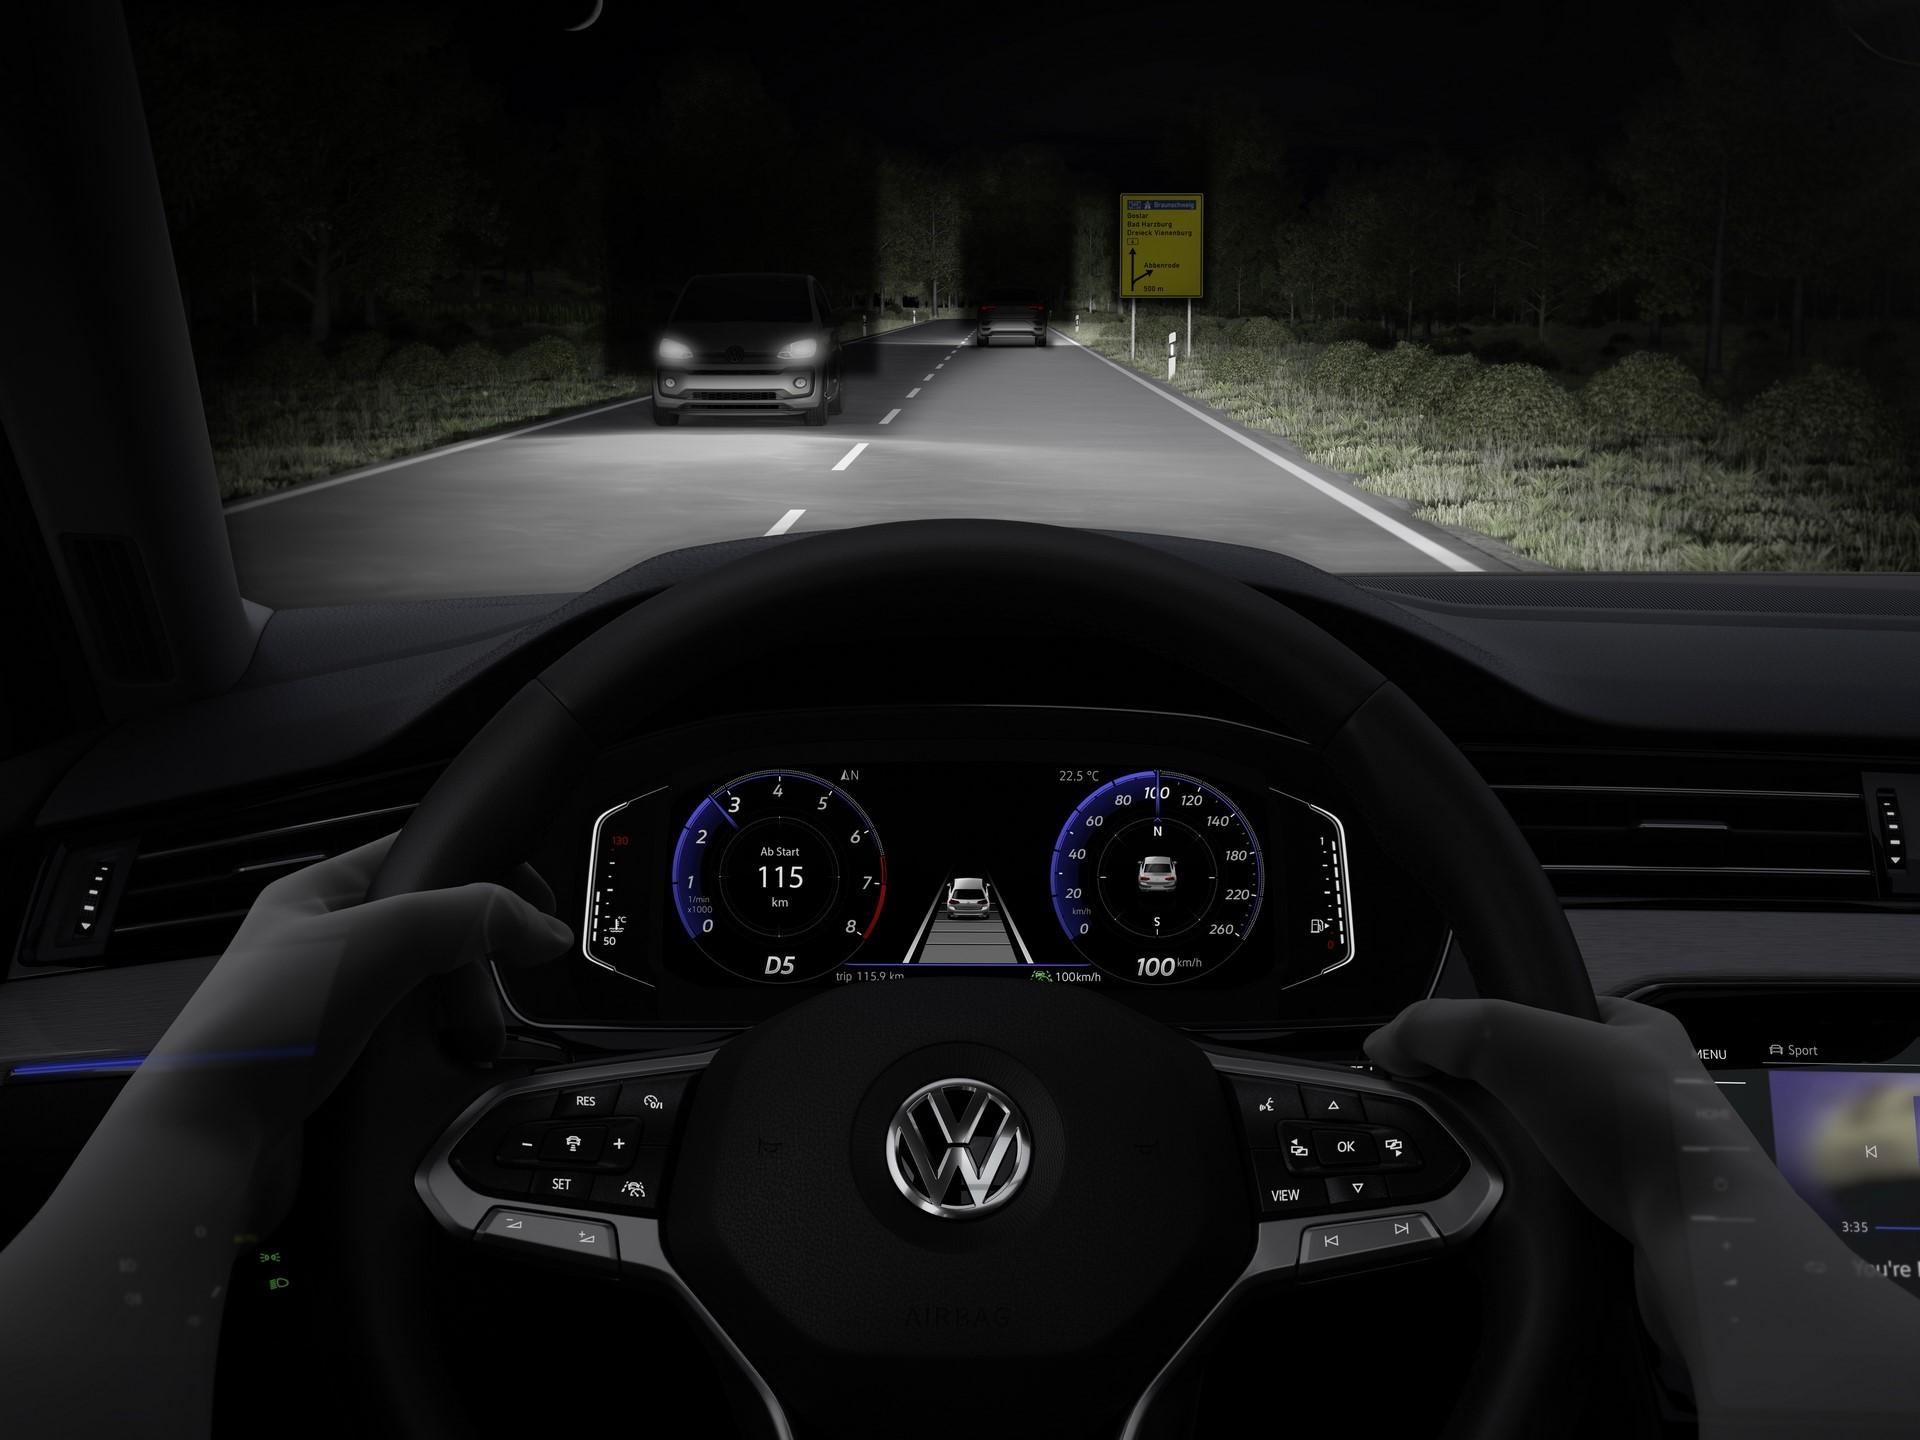 The new Volkswagen Passat Variant